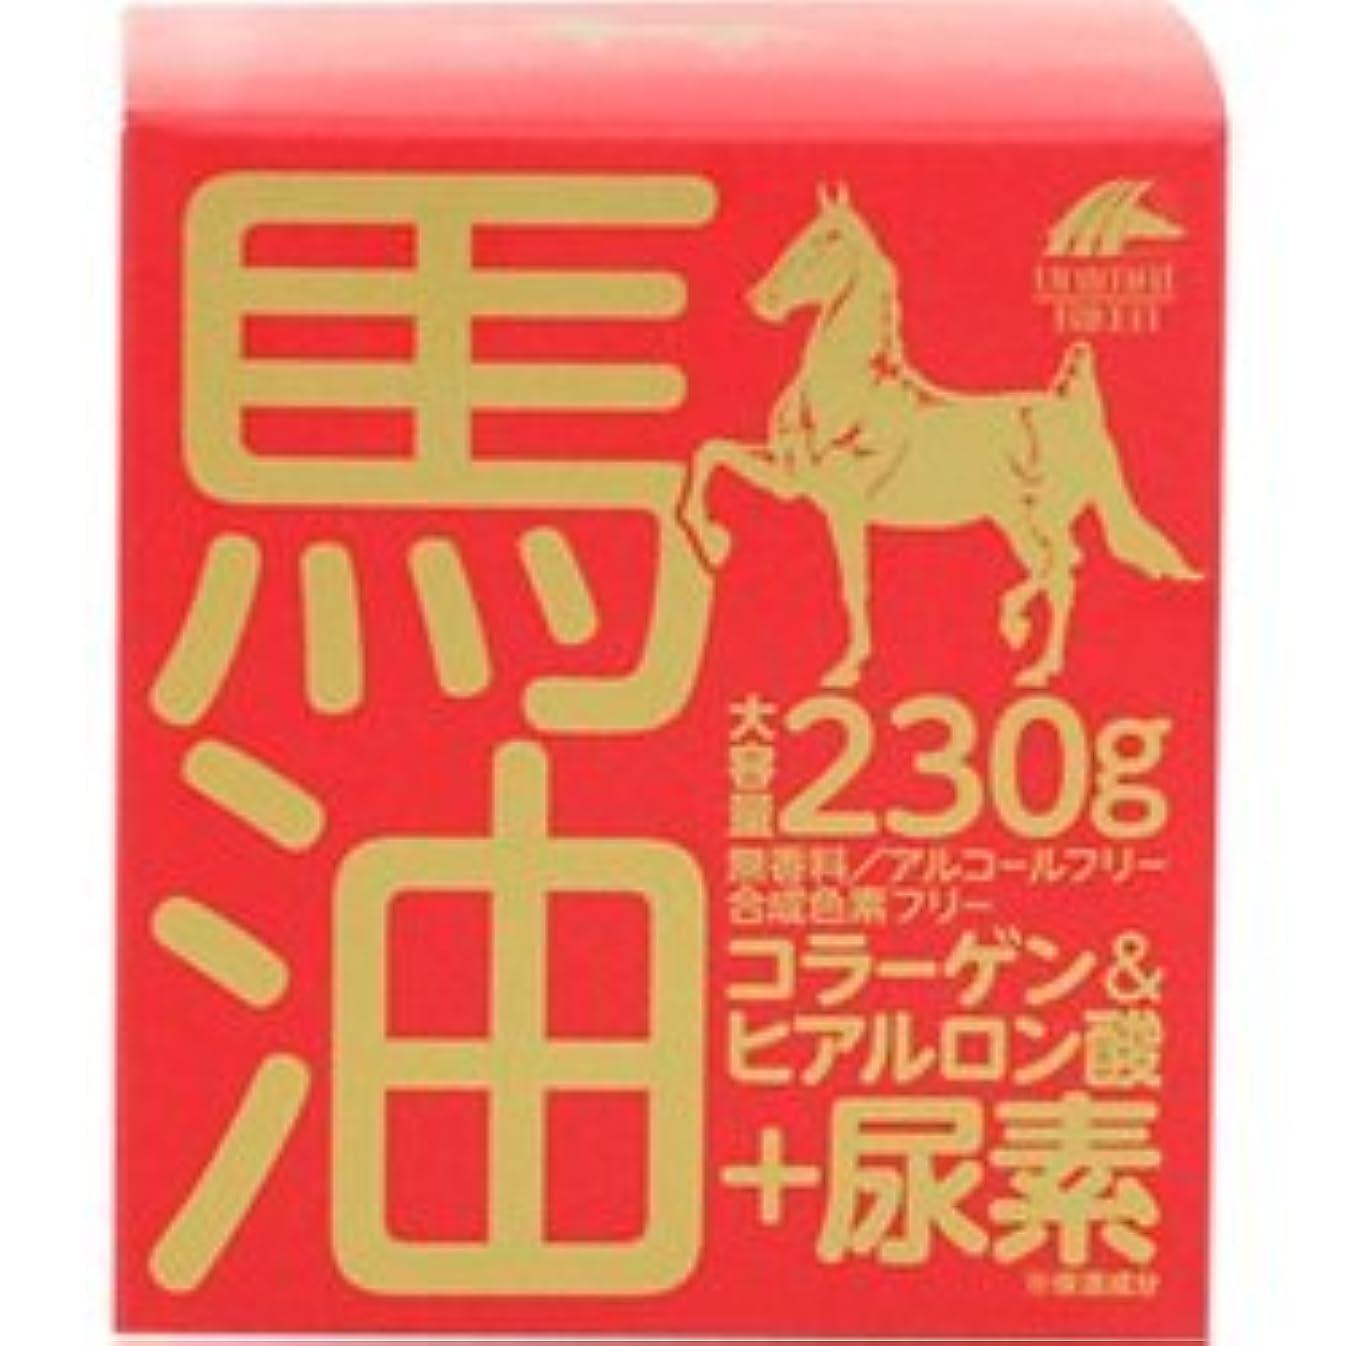 女性ジーンズショッピングセンター【ユニマットリケン】馬油クリーム+尿素 230g ×10個セット